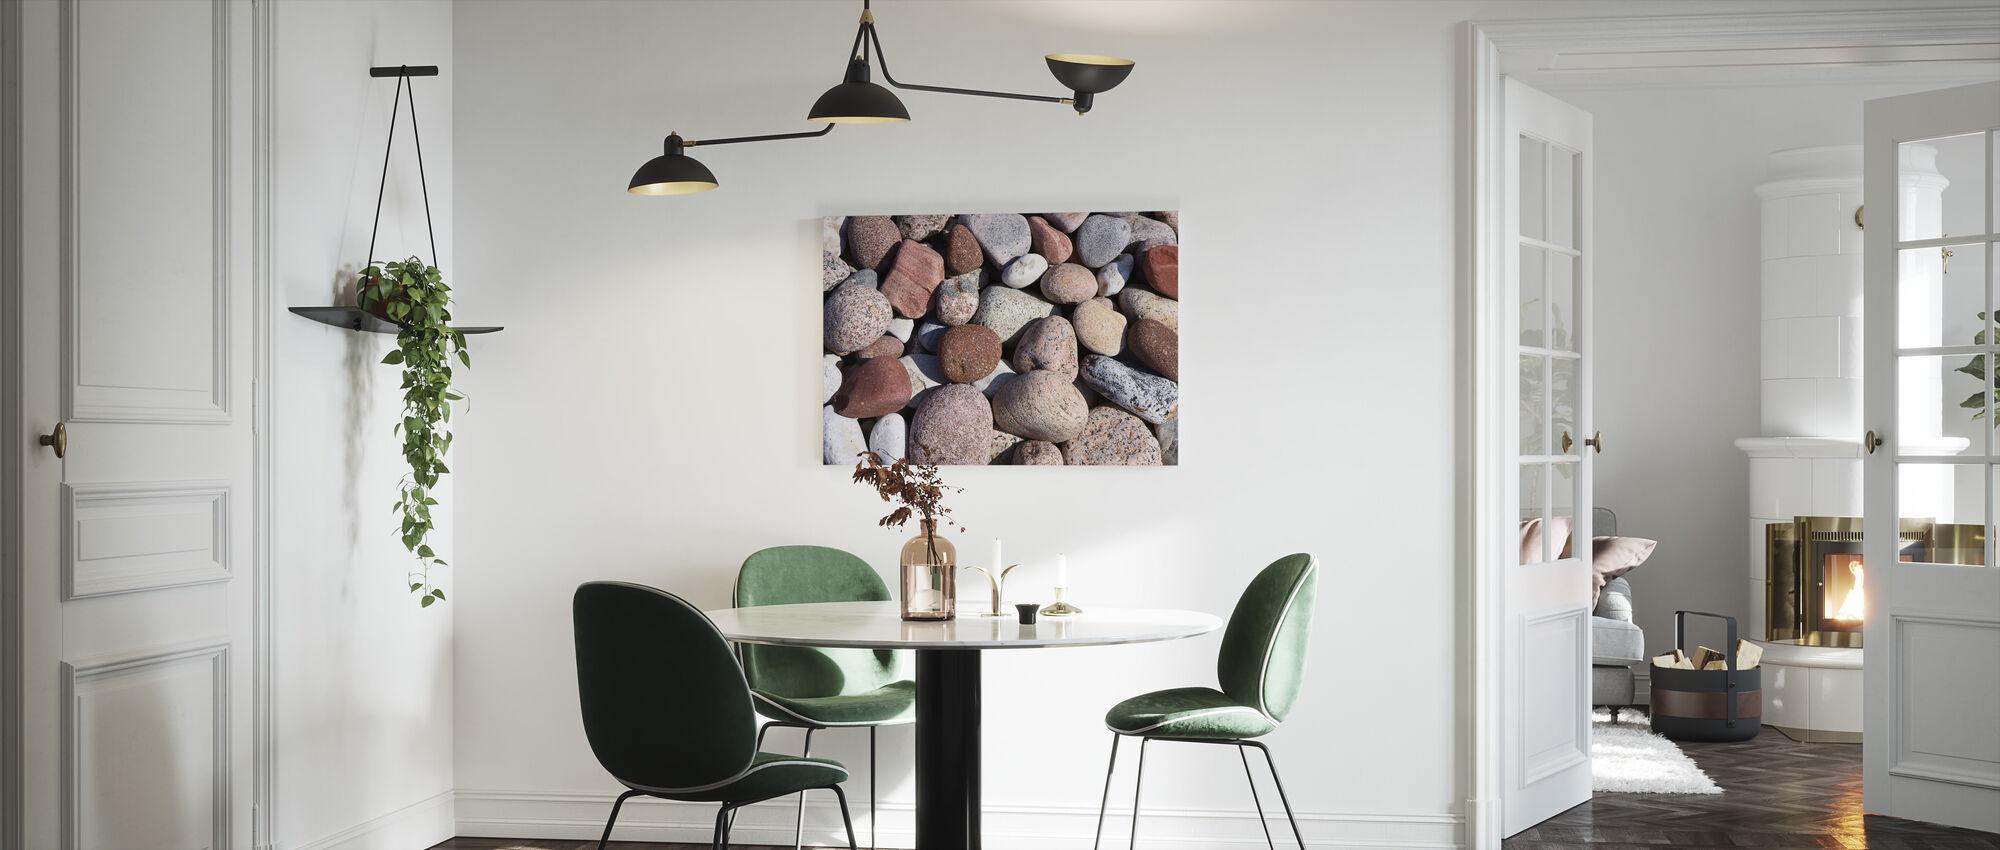 Värikäs kiillotettu kivet - Canvastaulu - Keittiö